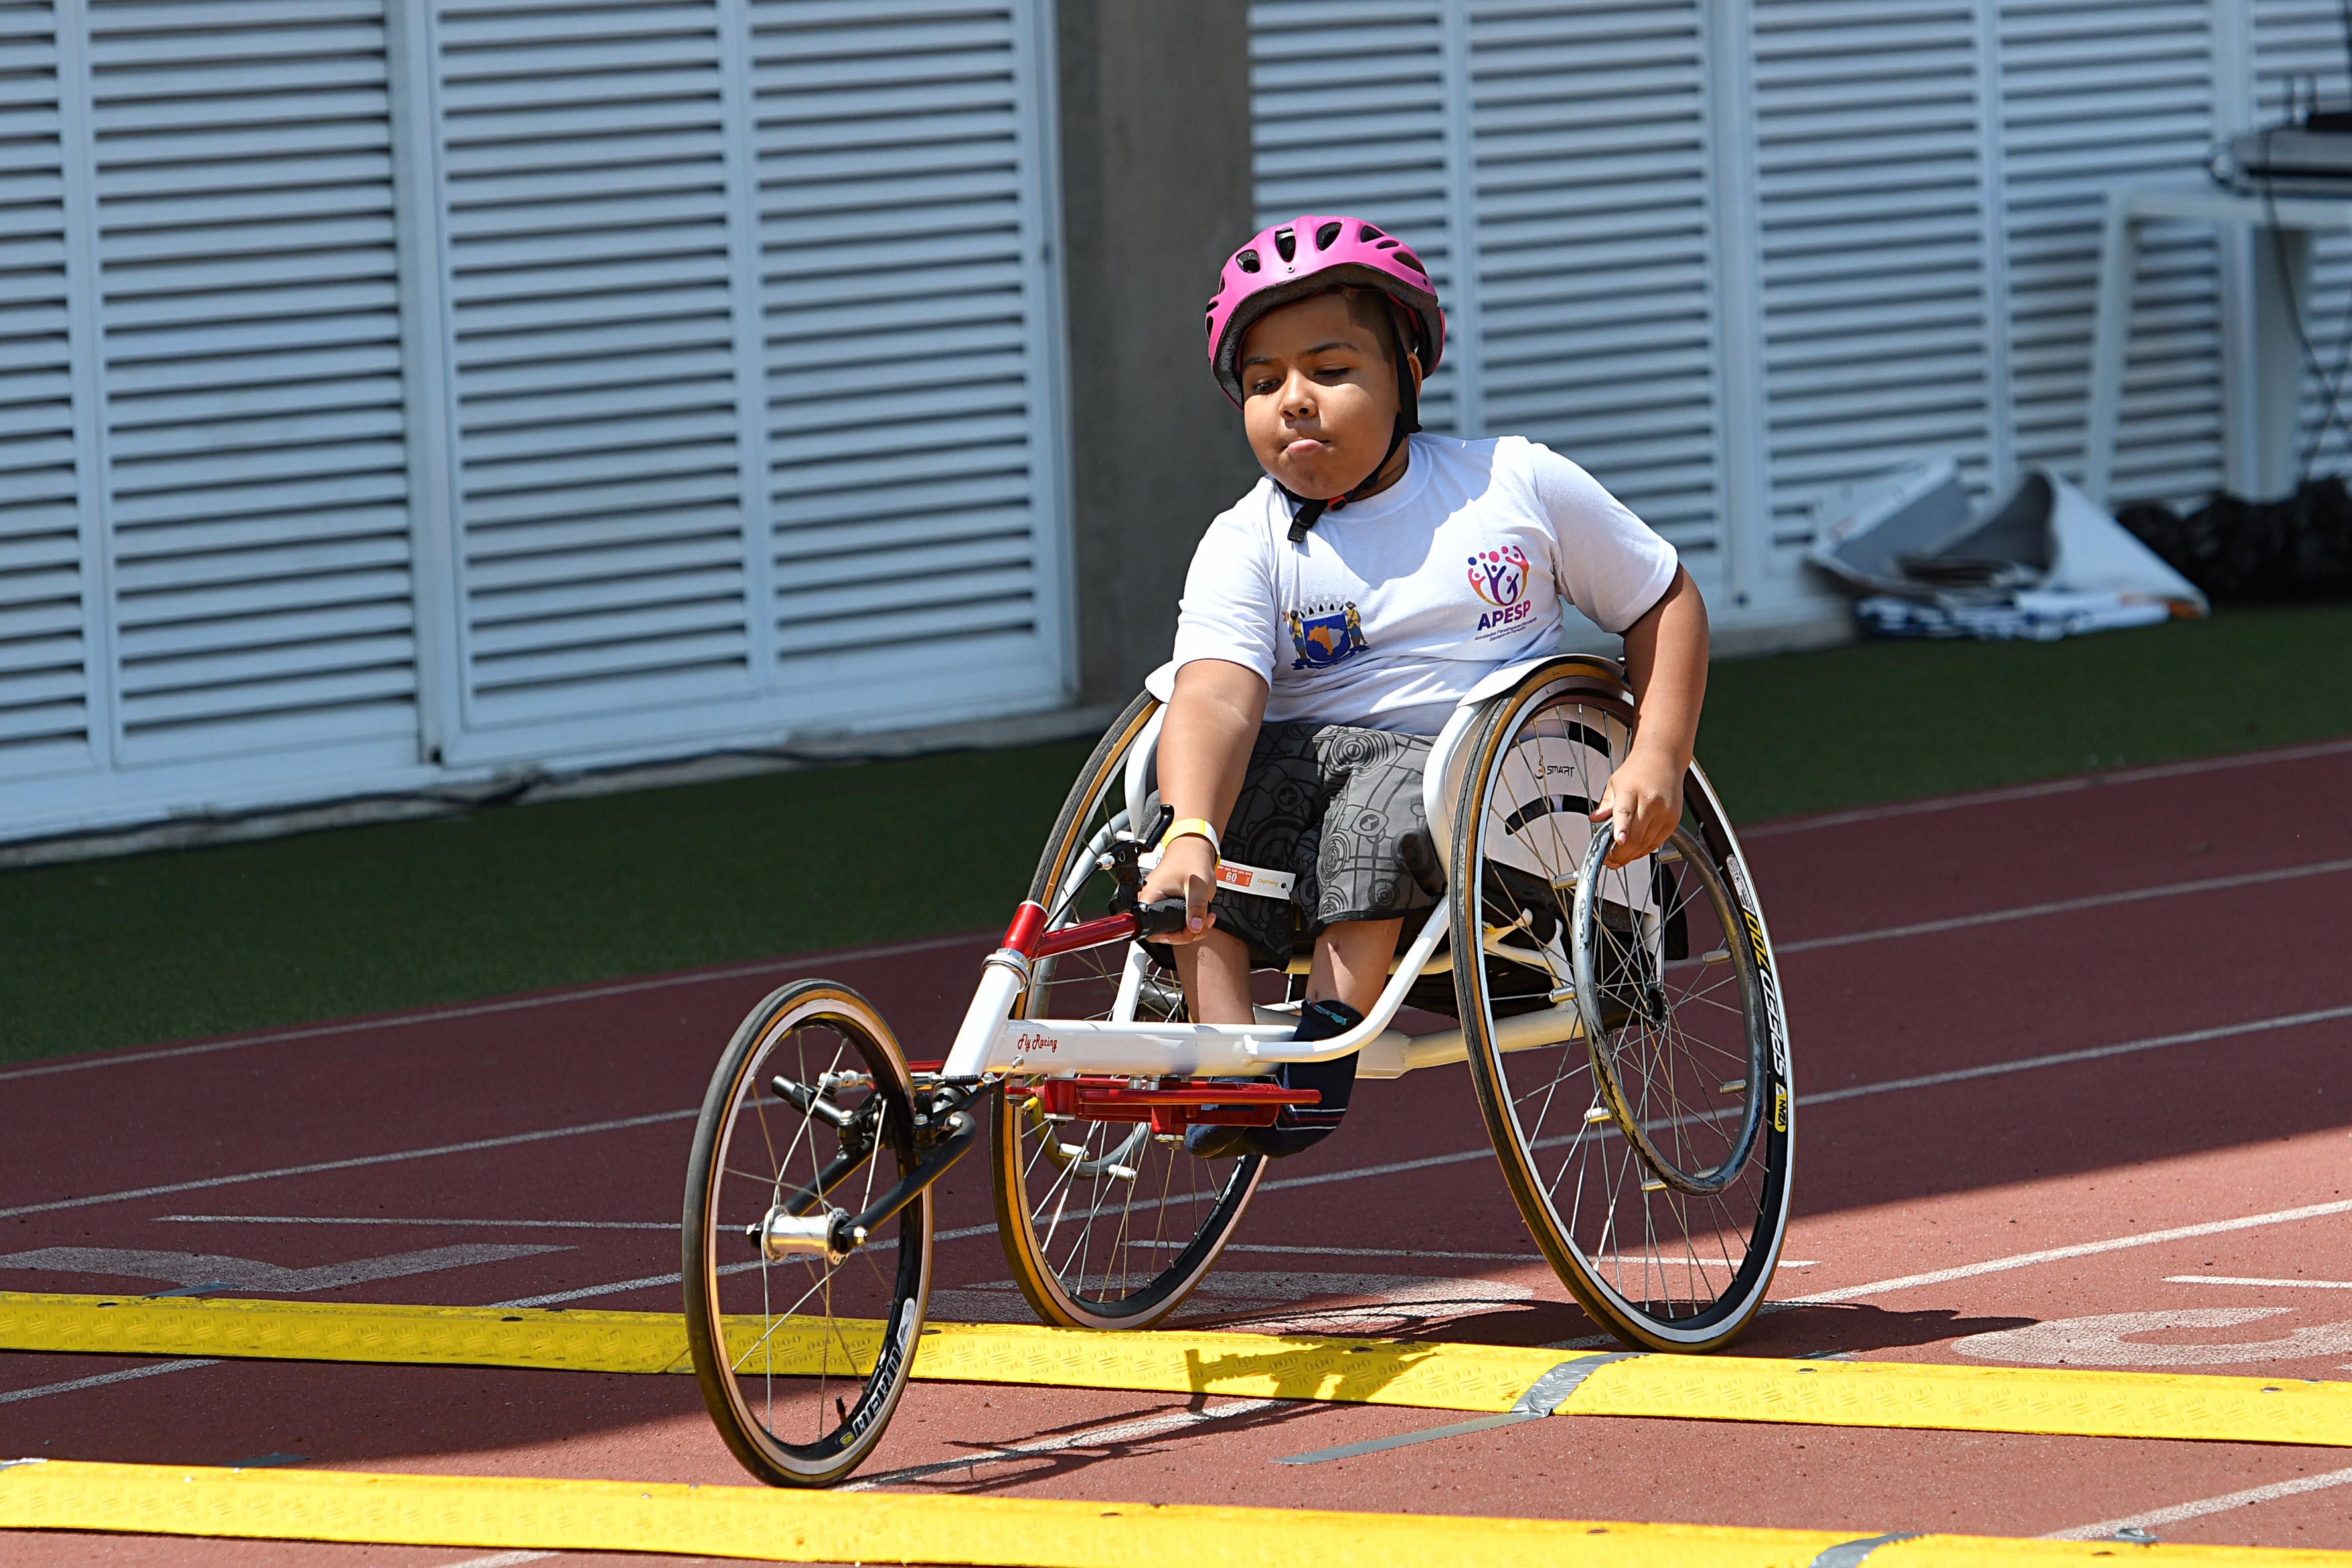 Liga Nescau reúne 4 mil alunos com e sem deficiência em competição estudantil 6